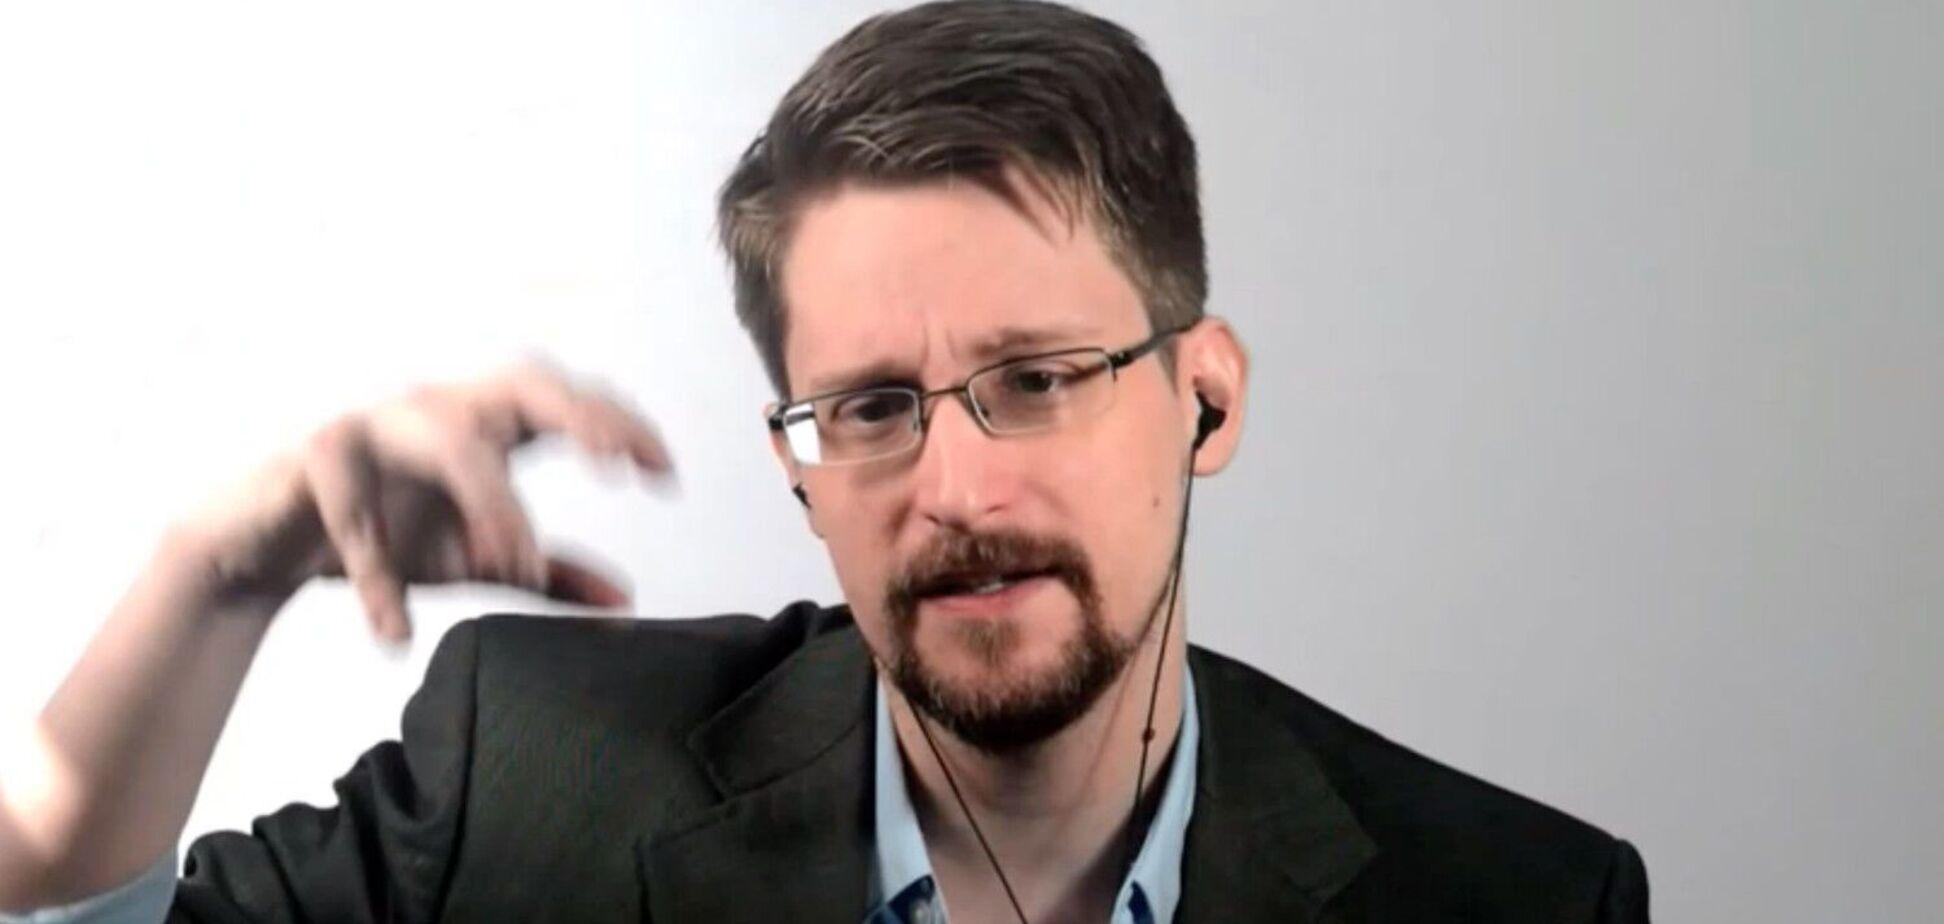 Едвард Сноуден утік із США і живе в Росії